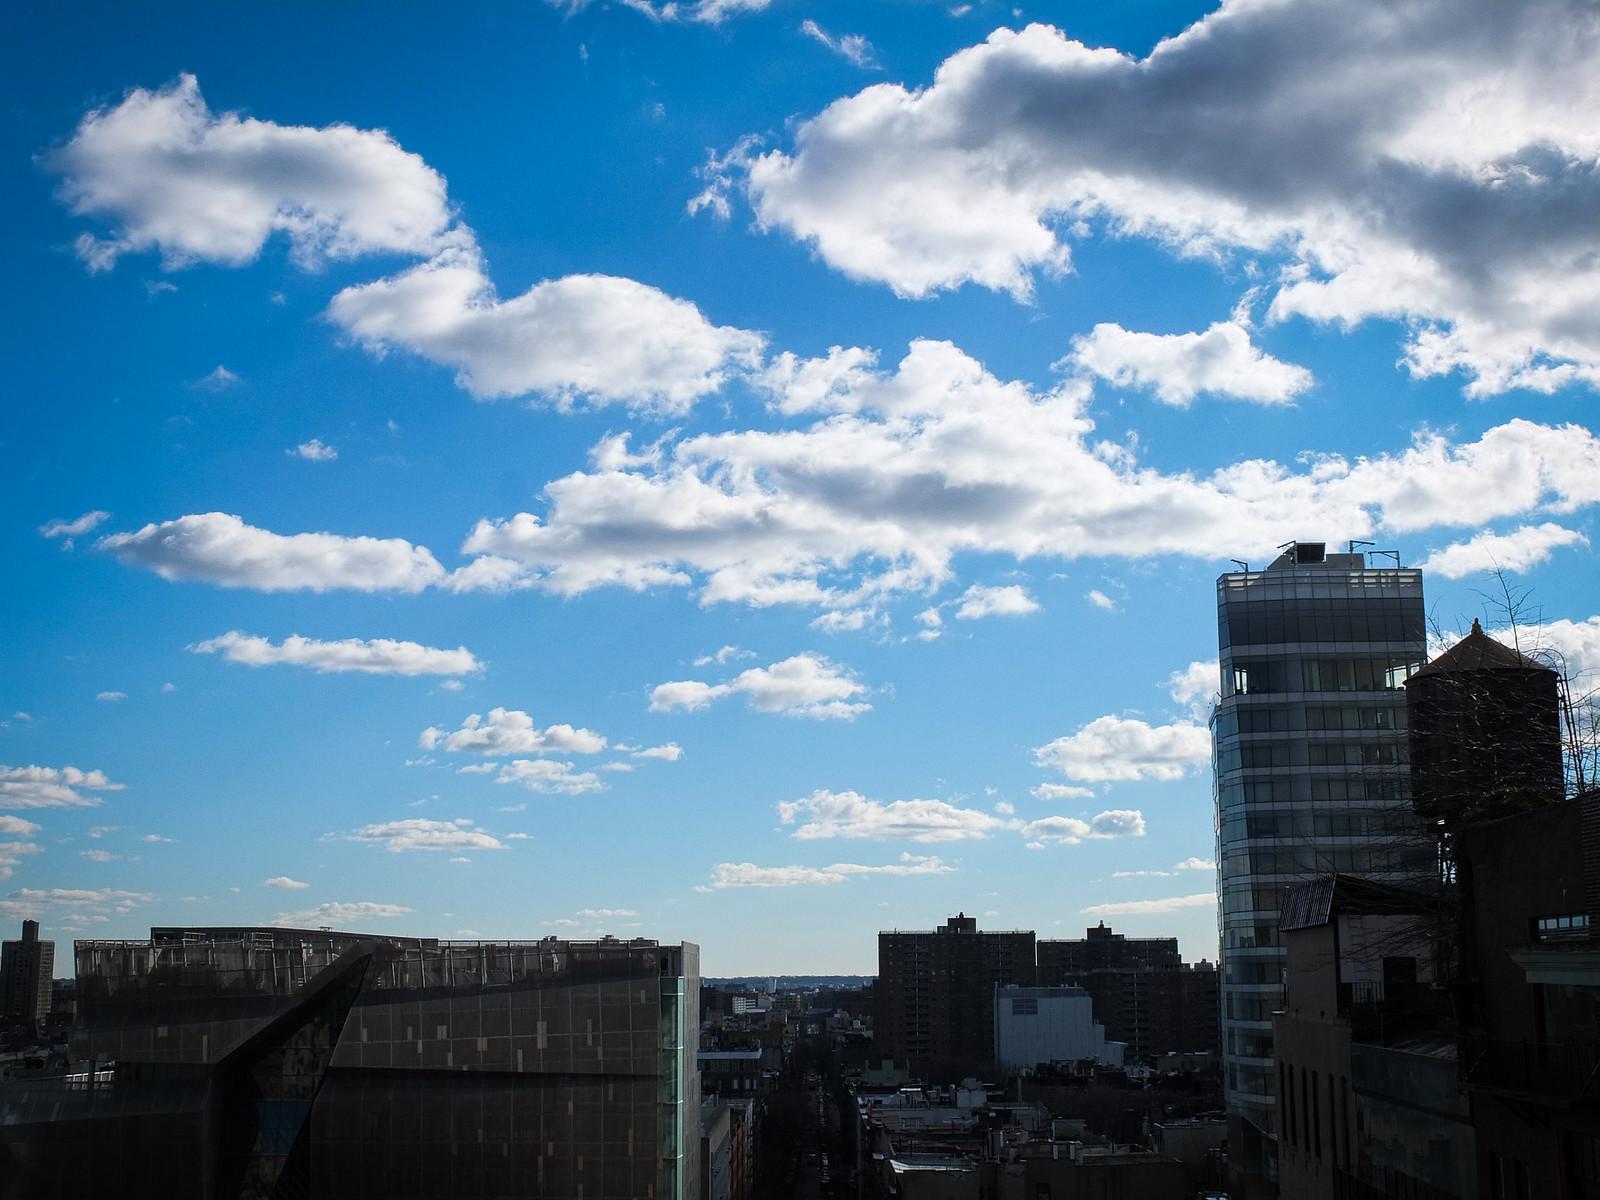 Beautiful Day by wwward0